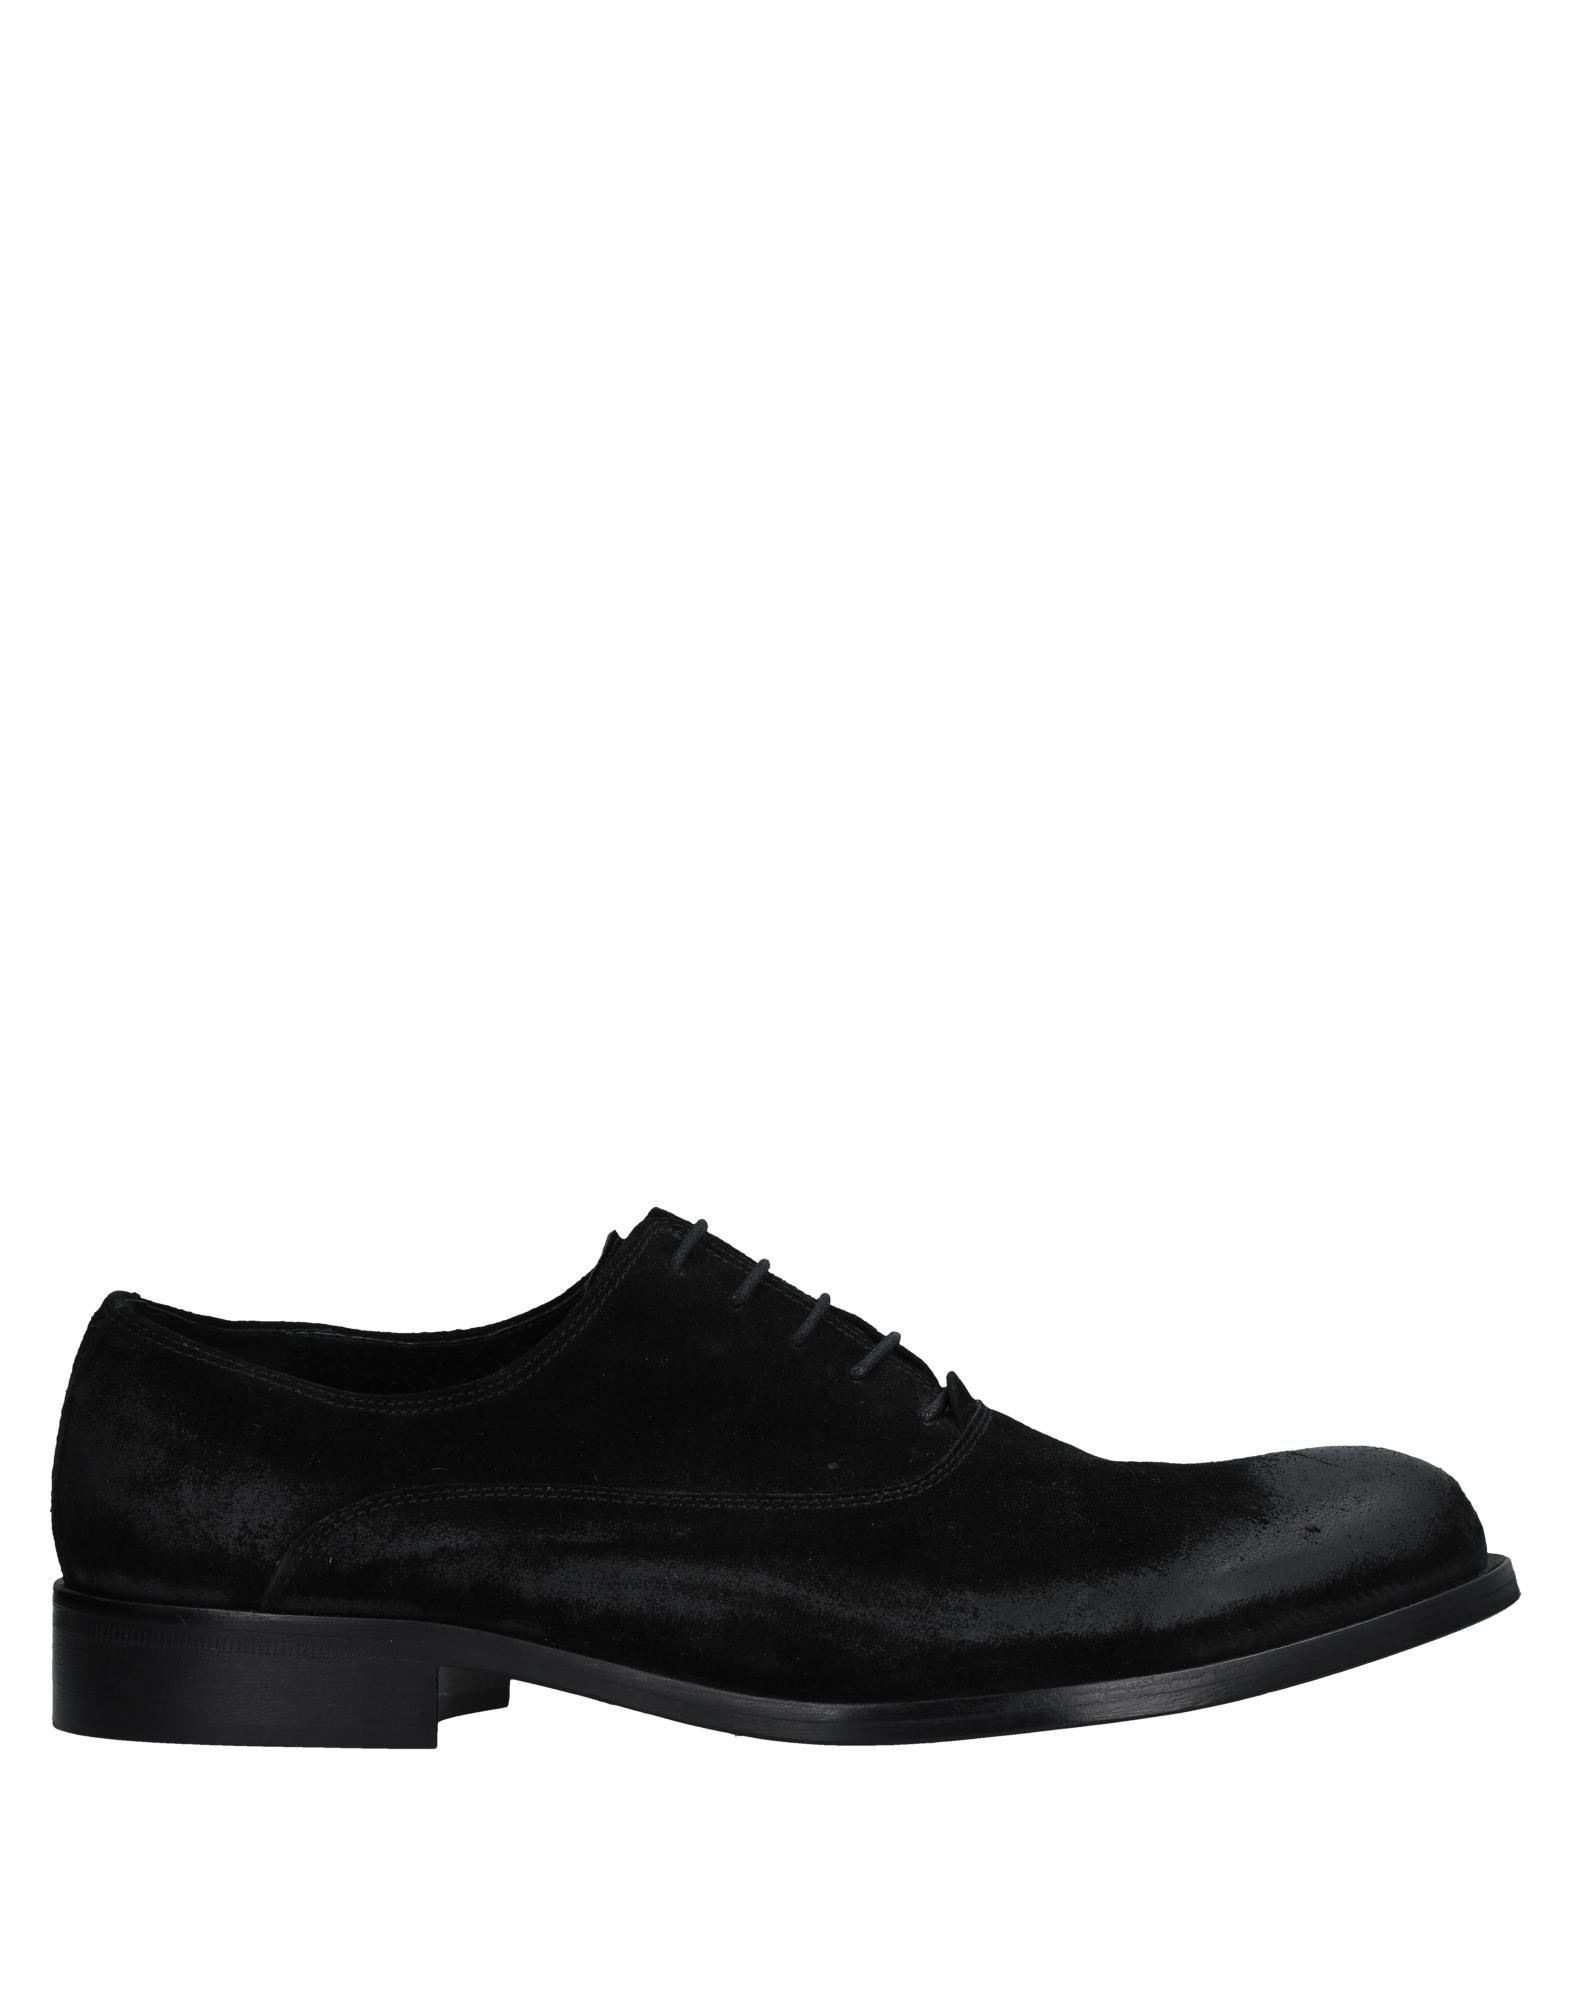 FRANCESCONI Обувь на шнурках первый внутри обувь обувь обувь обувь обувь обувь обувь обувь обувь 8a2549 мужская армия green 40 метров